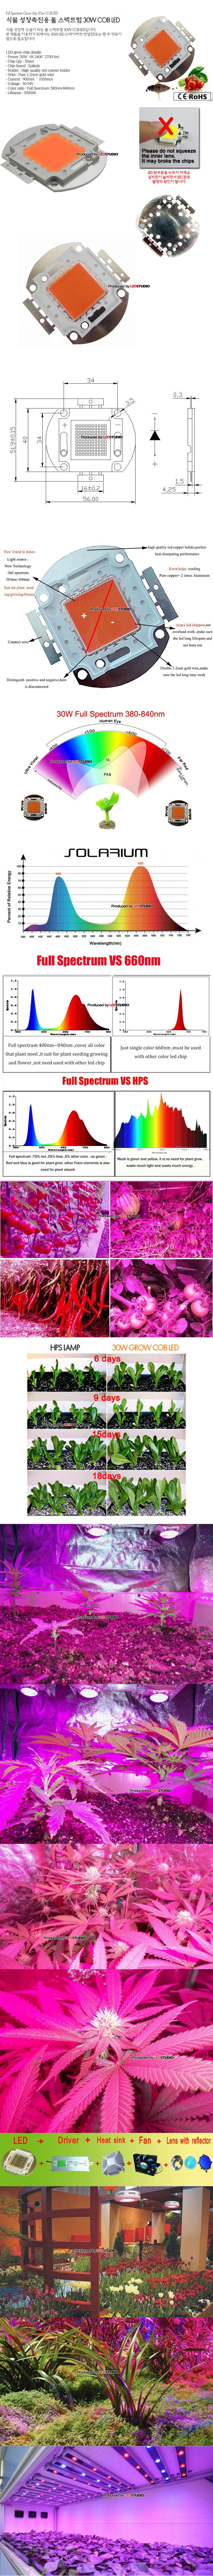 식물 성장촉진용 풀 스펙트럼 30W COB LED (1.05A/2700lm/30~34v)